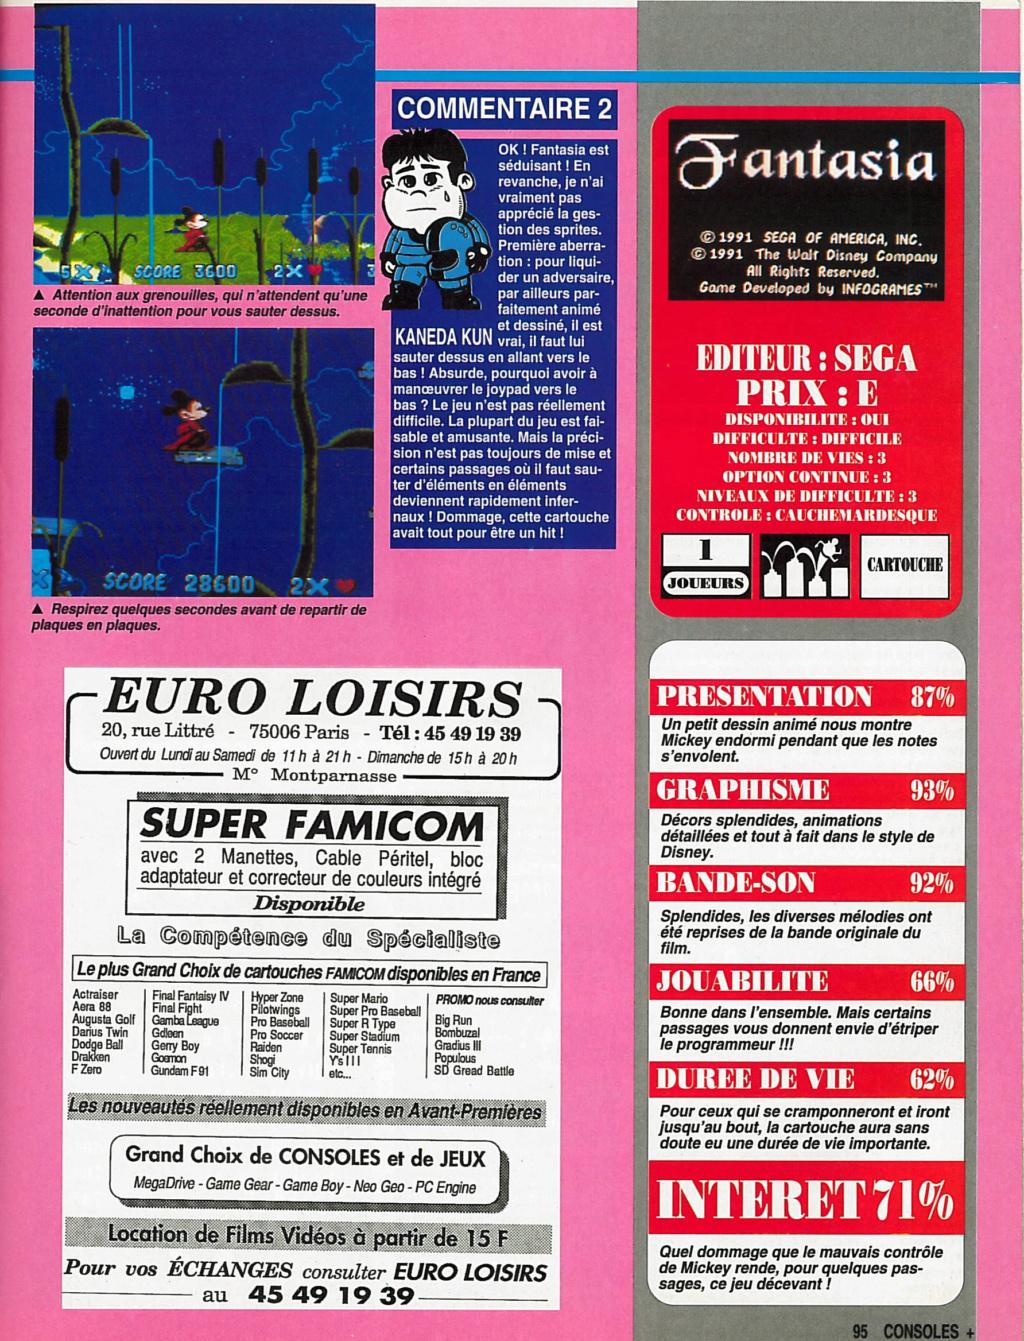 Le meilleur jeu Disney de l'ère 16 bits - Page 12 Consol10